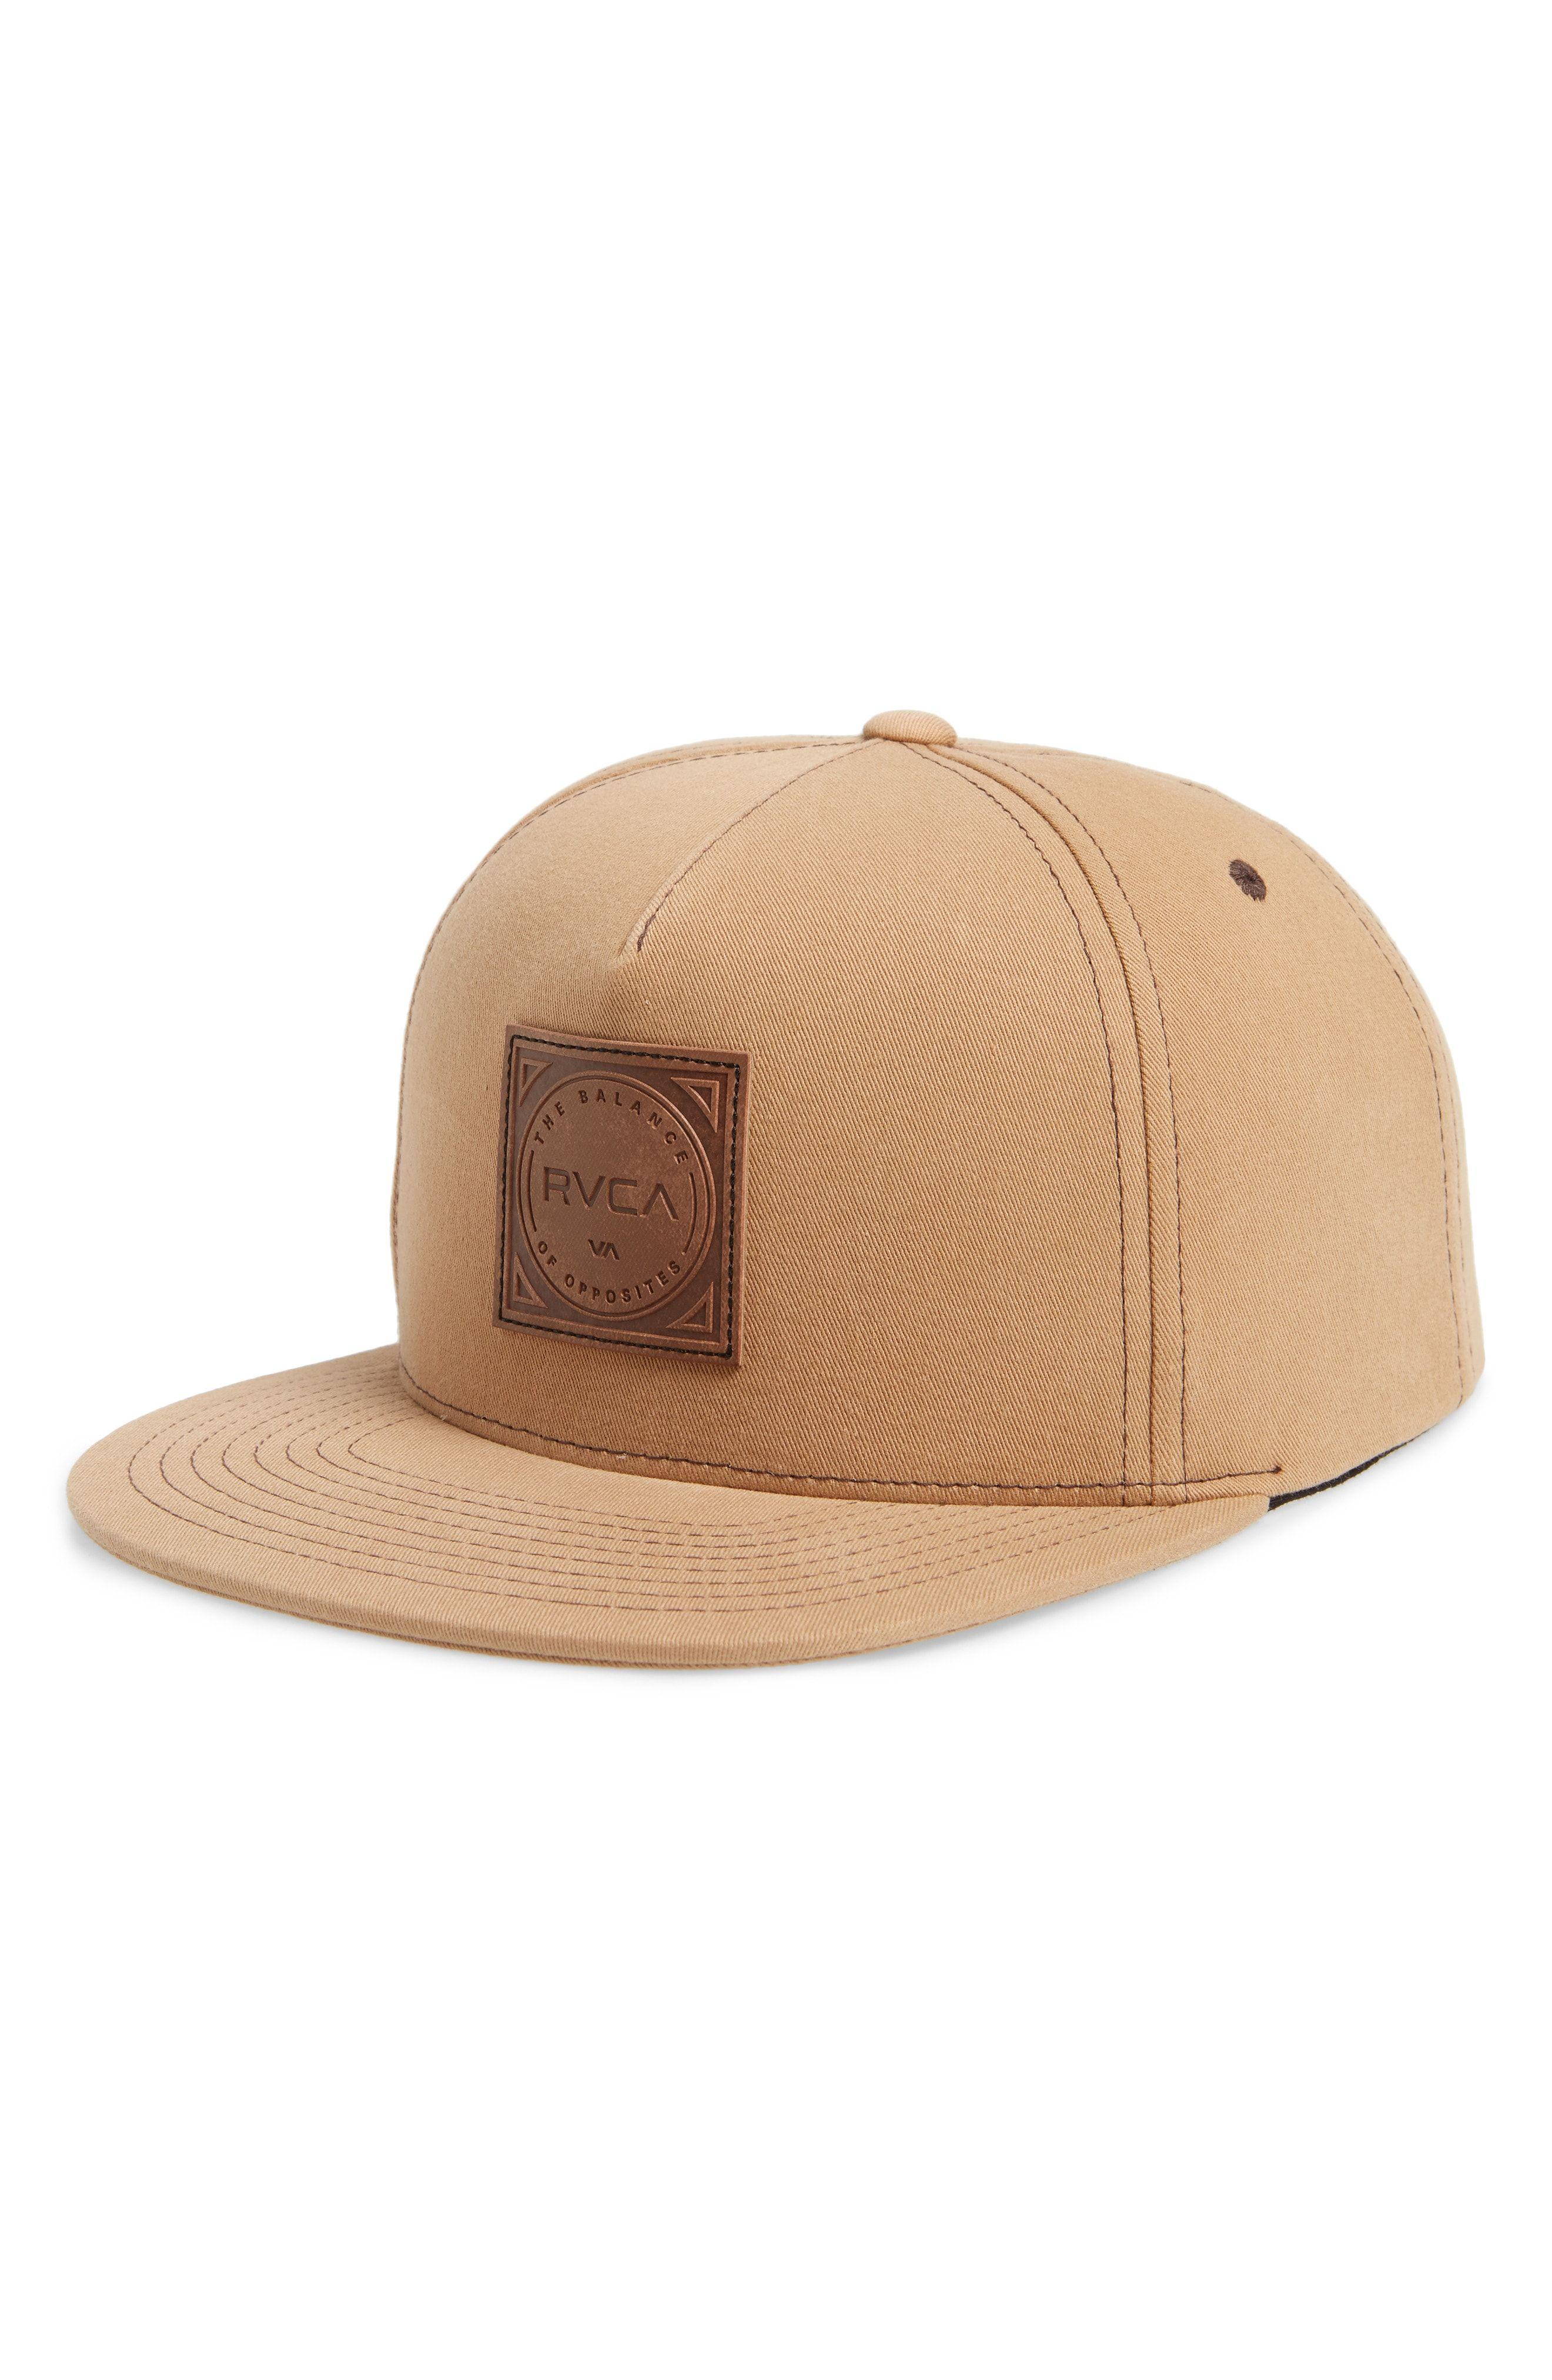 4b062c0a RVCA MILLS TRUCKER HAT - BEIGE. #rvca | Rvca in 2019 | Hats, Mens ...